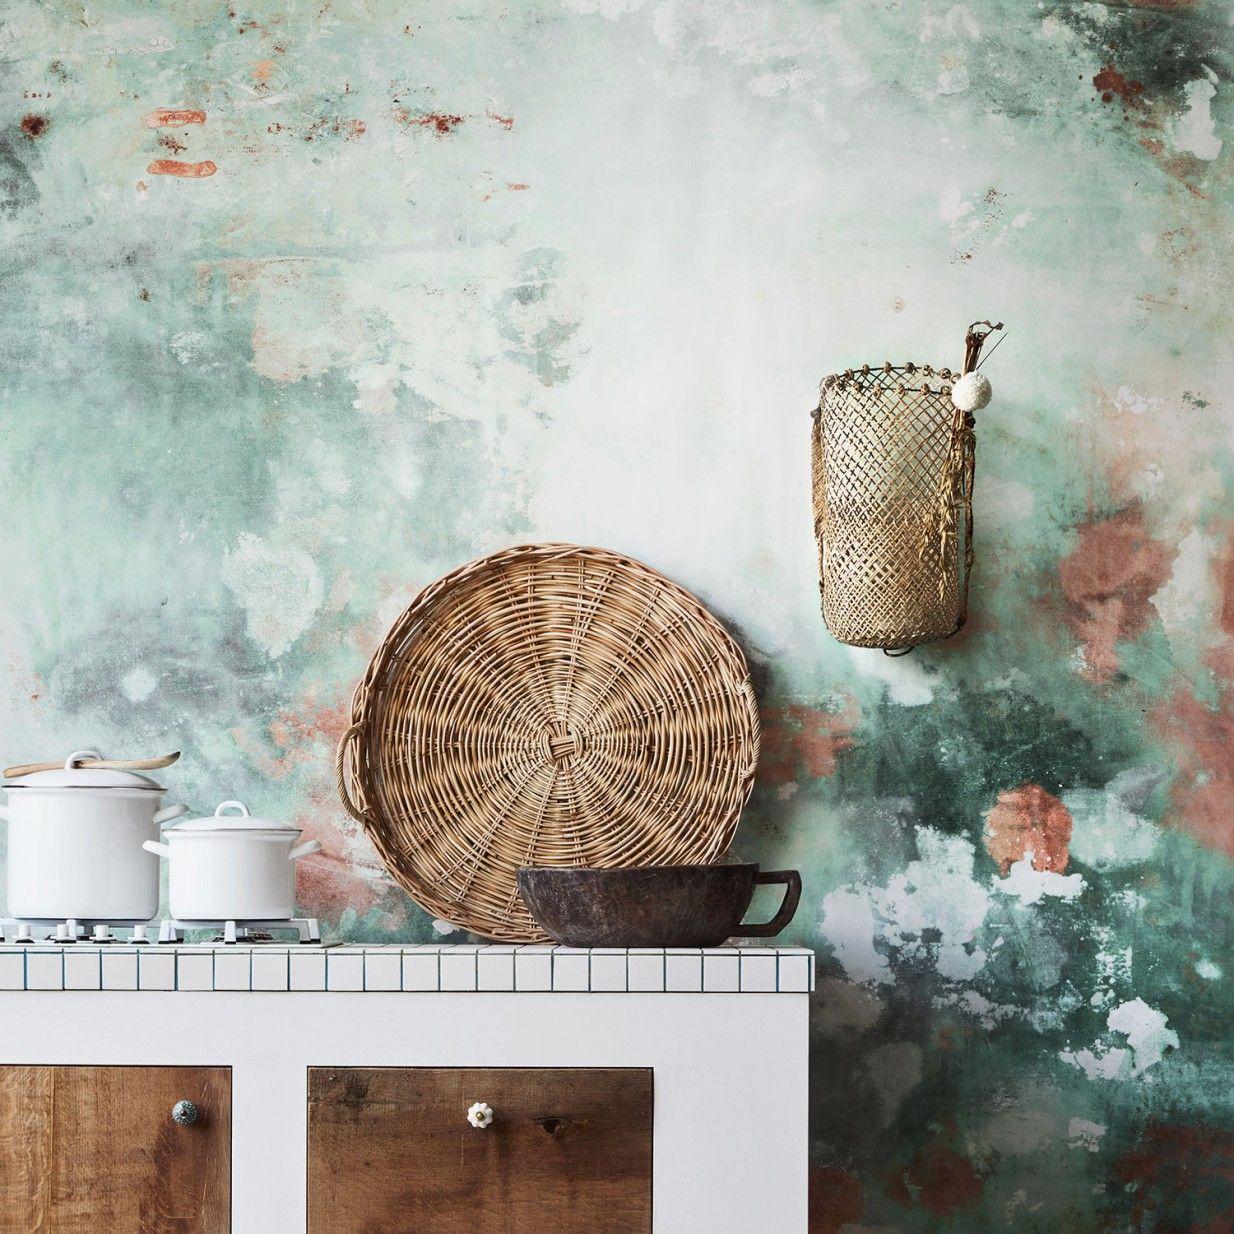 T geformte kücheninsel-designs mit sitzgelegenheiten oh la la tapete  petrol  feathr  home in   pinterest  home